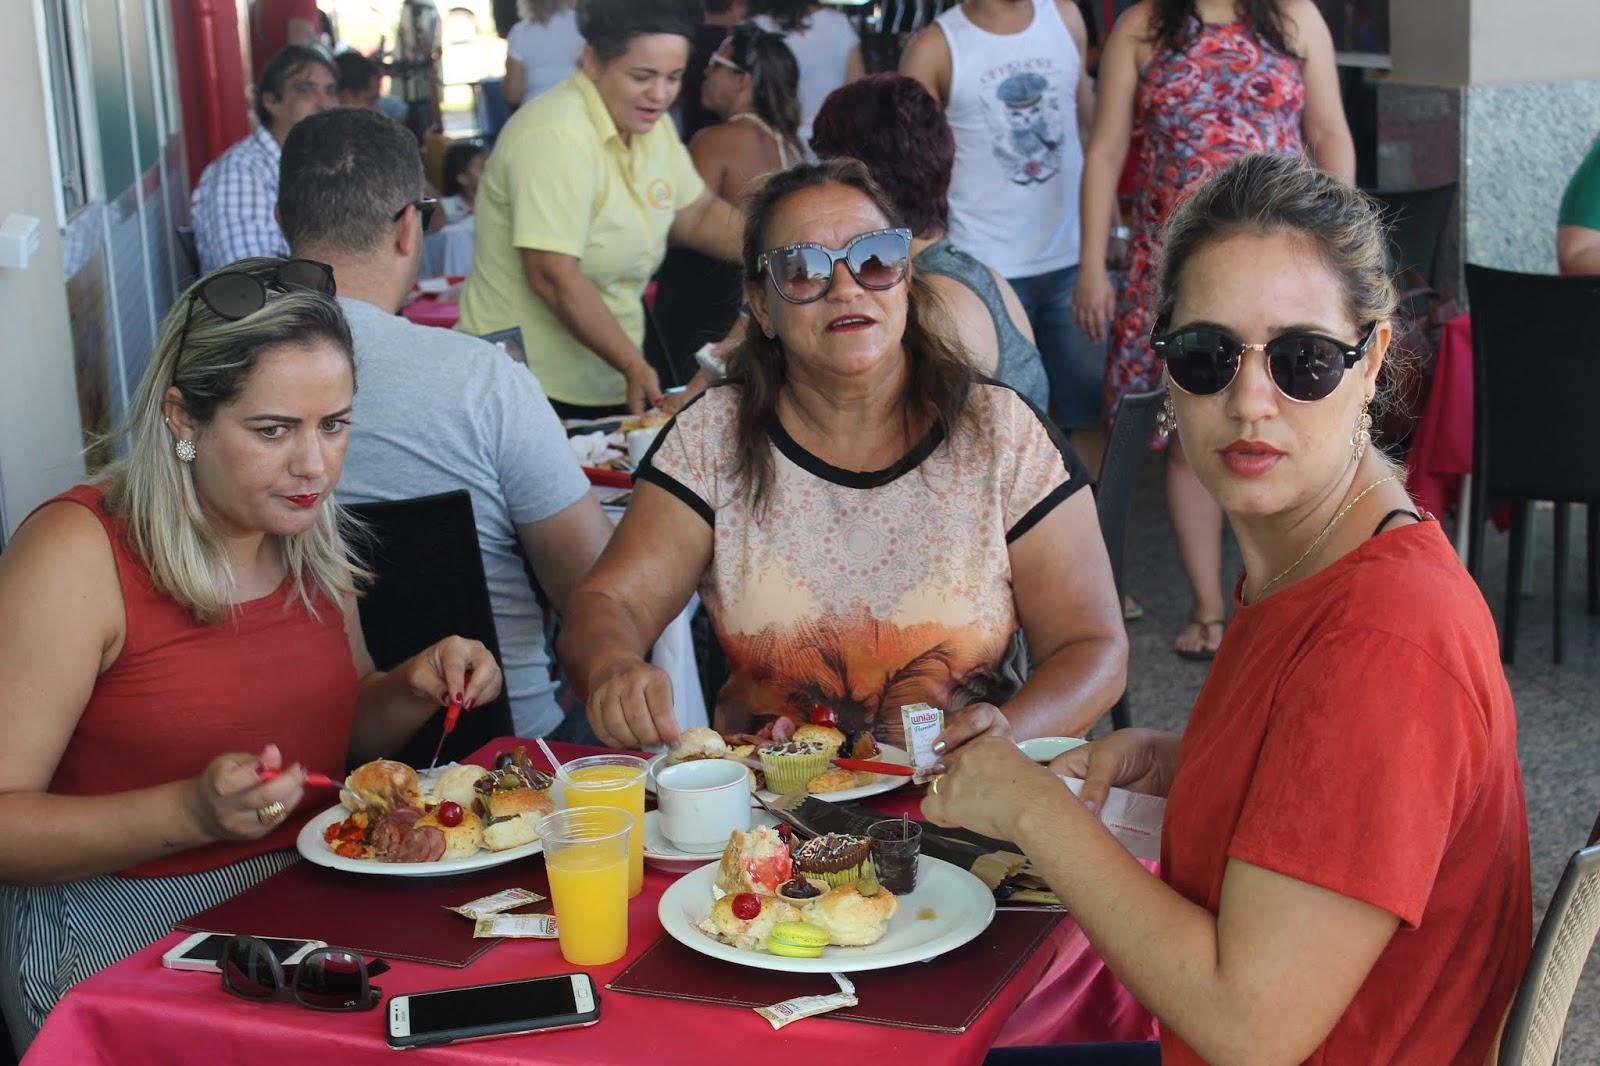 IMG 3619 - Dia 12 de maio dia das Mães no Jardins Mangueiral foi com muta diverção e alegria com um lindo café da manha